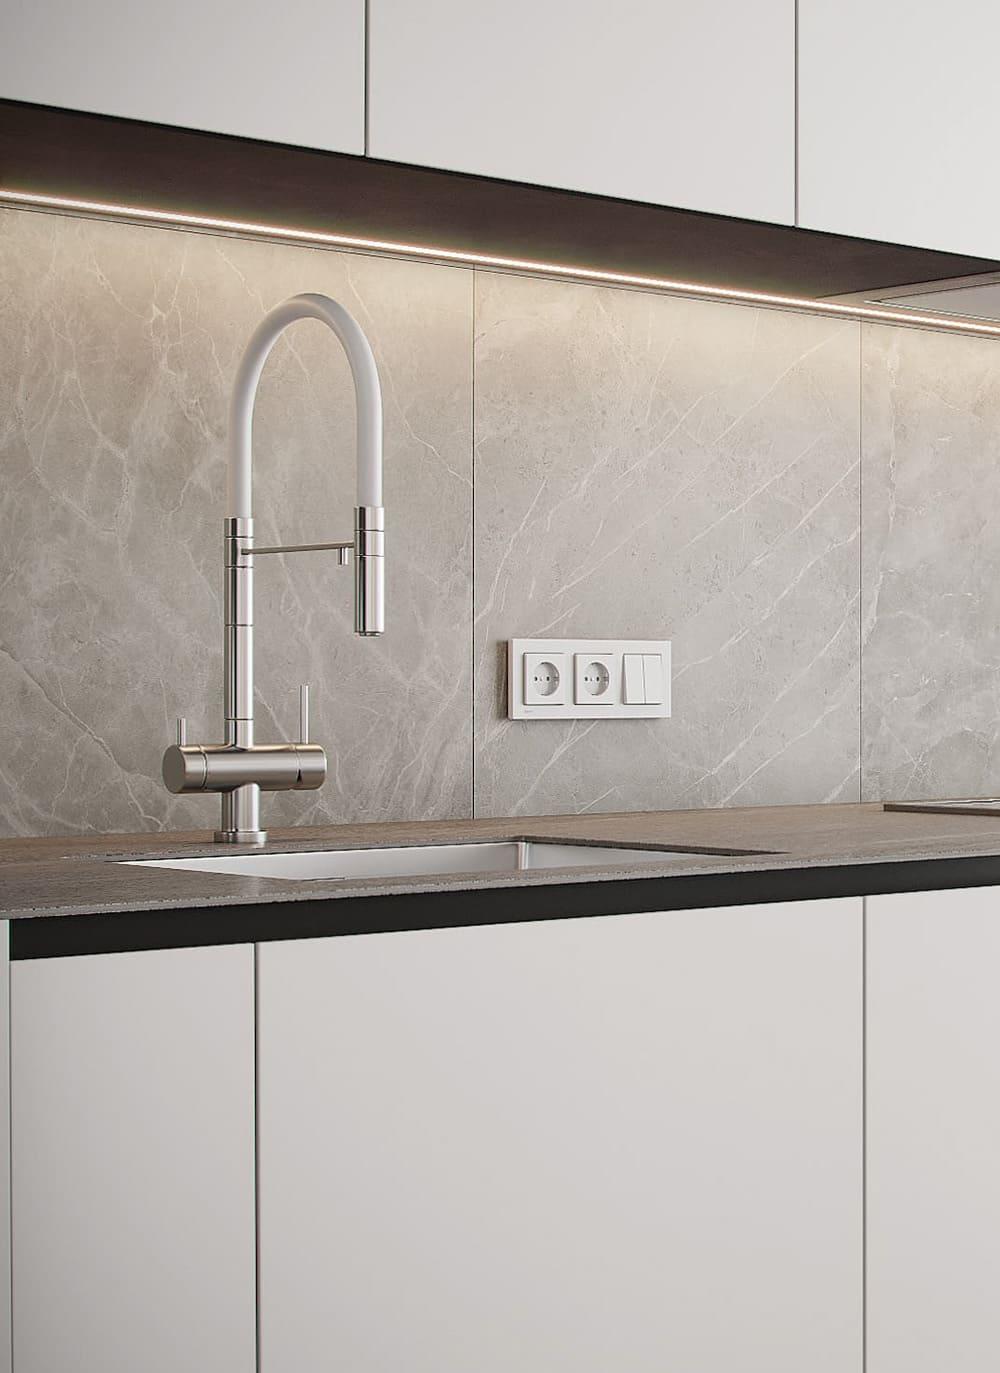 дизайн кухни в современном стиле фото 30